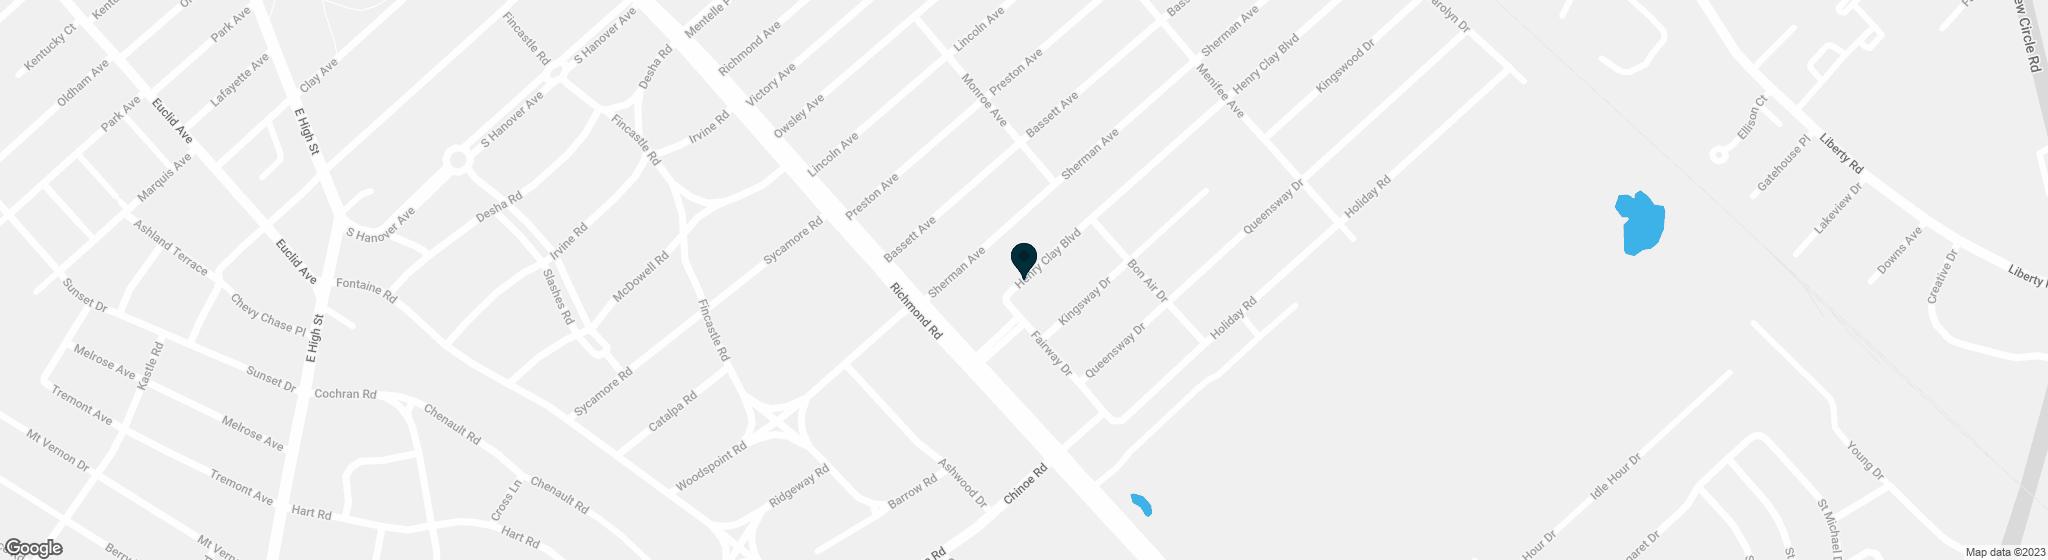 238 Henry Clay Boulevard Lexington KY 40502